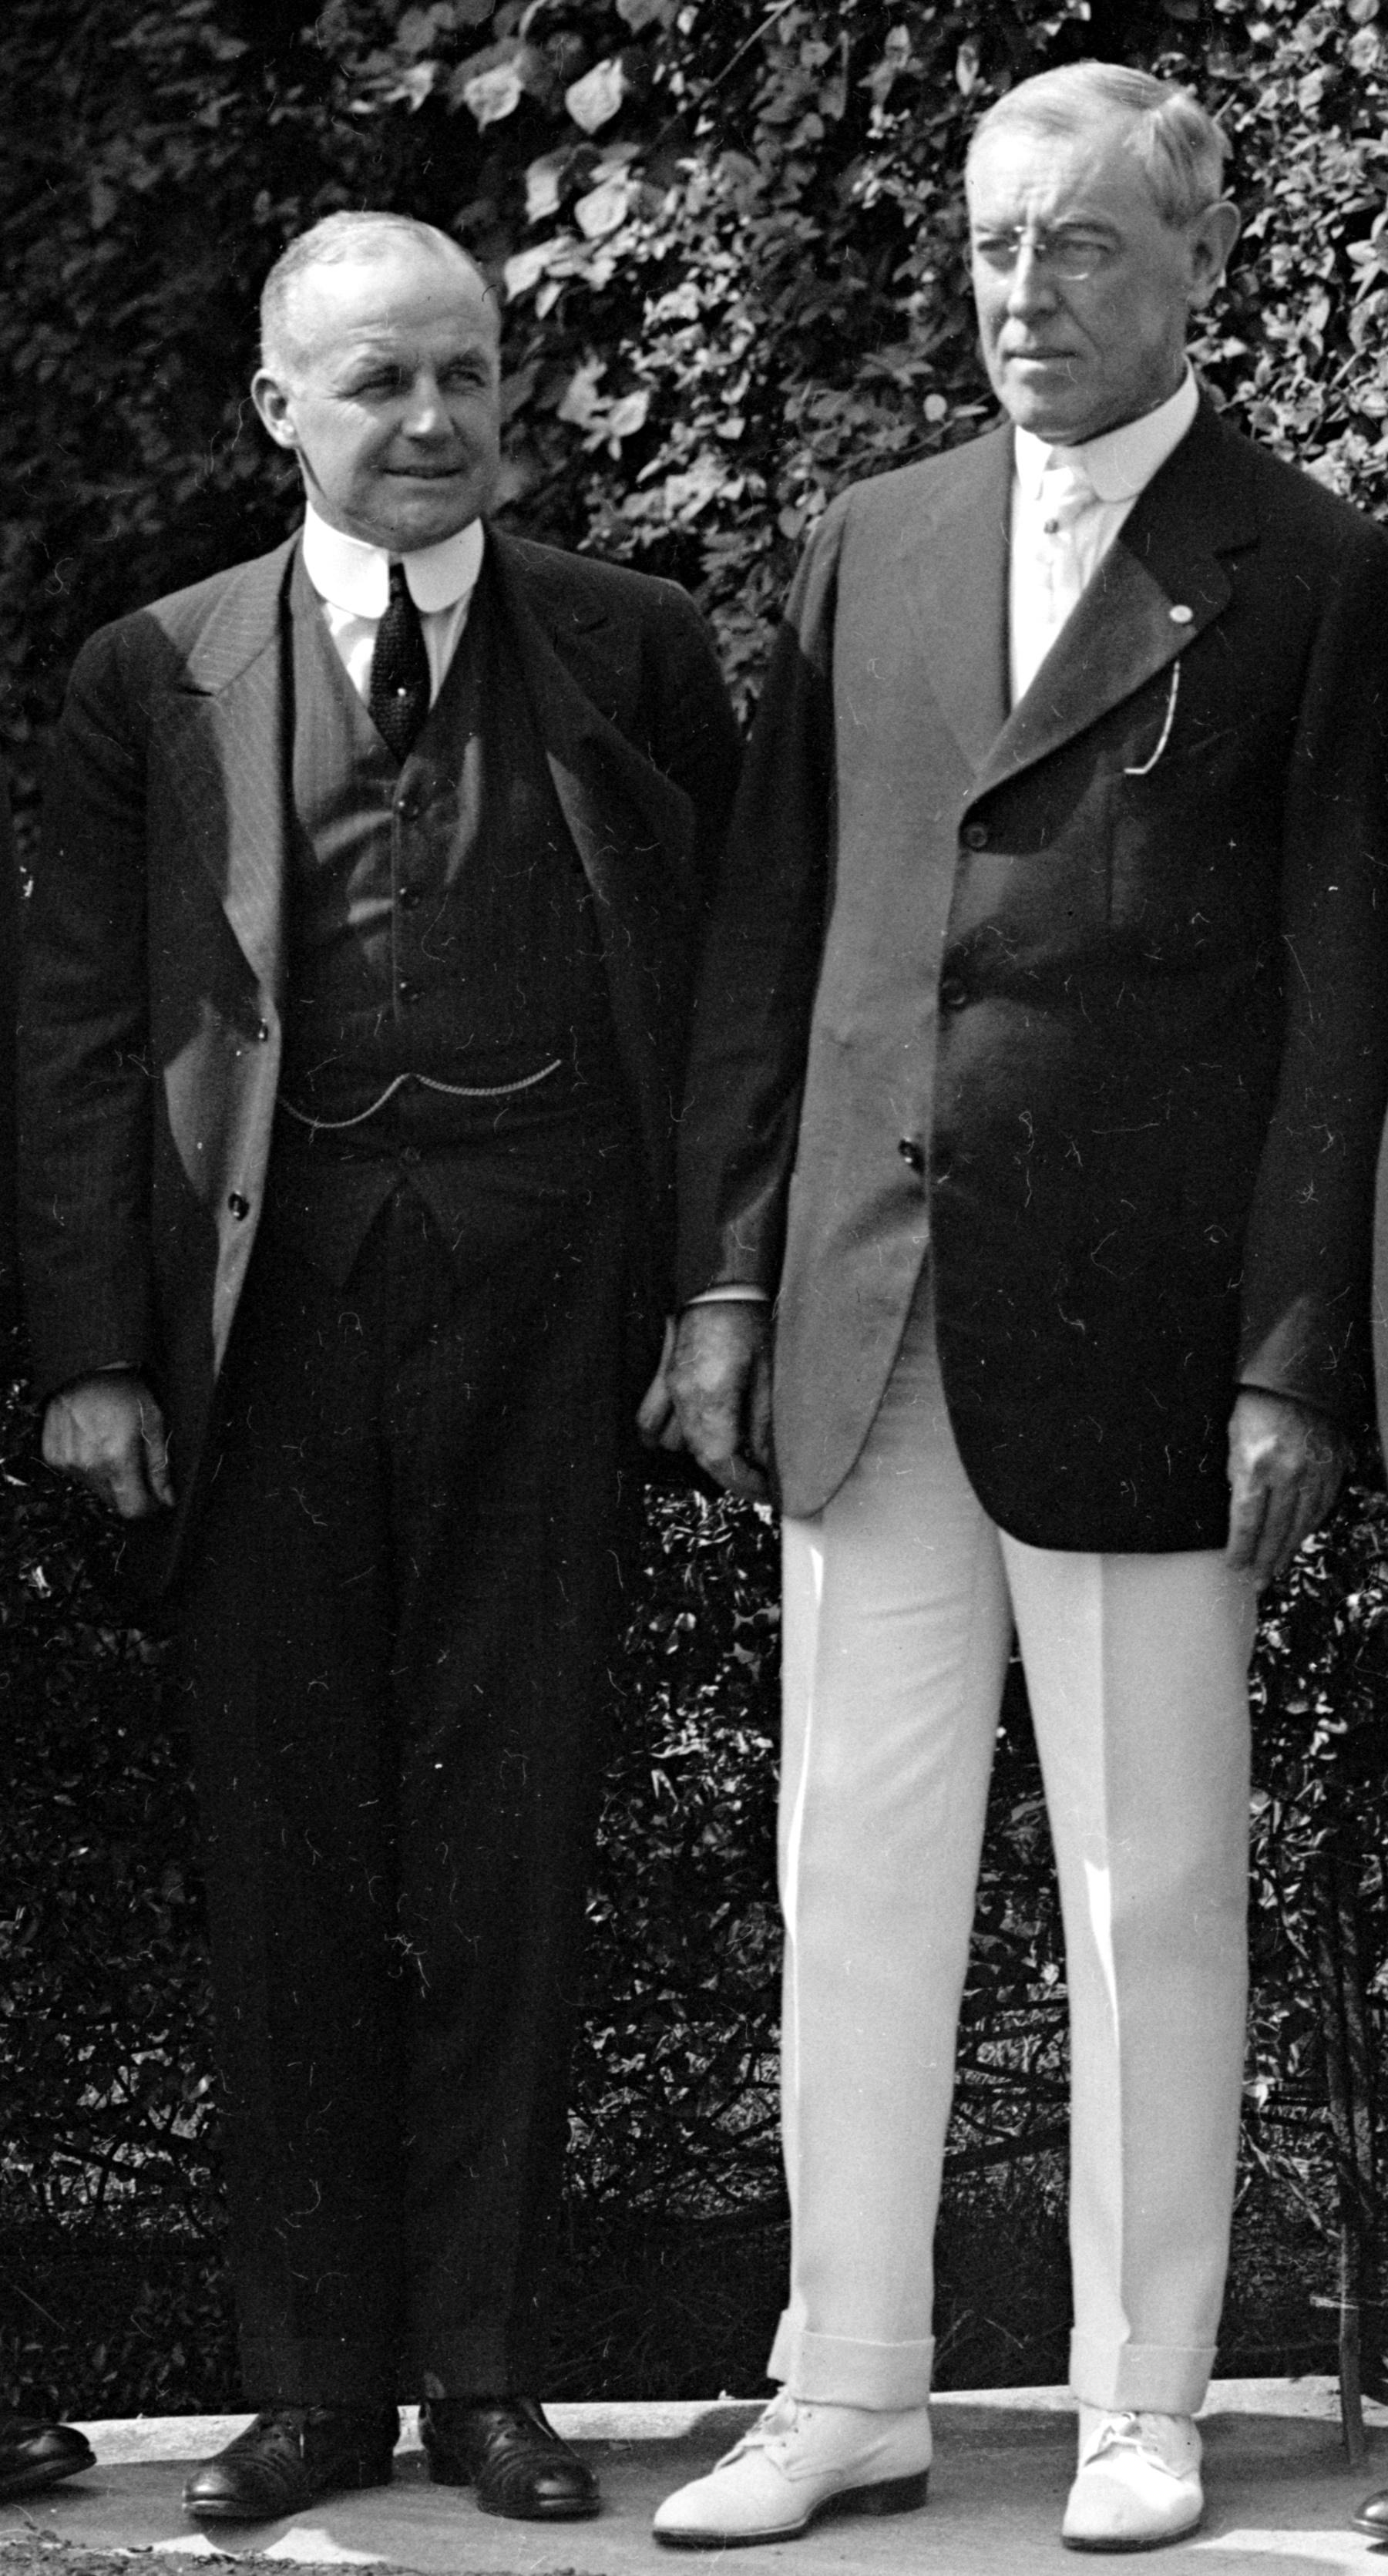 وودرو ويلسون ..... الرئيس للولايات المتحدة الامريكية